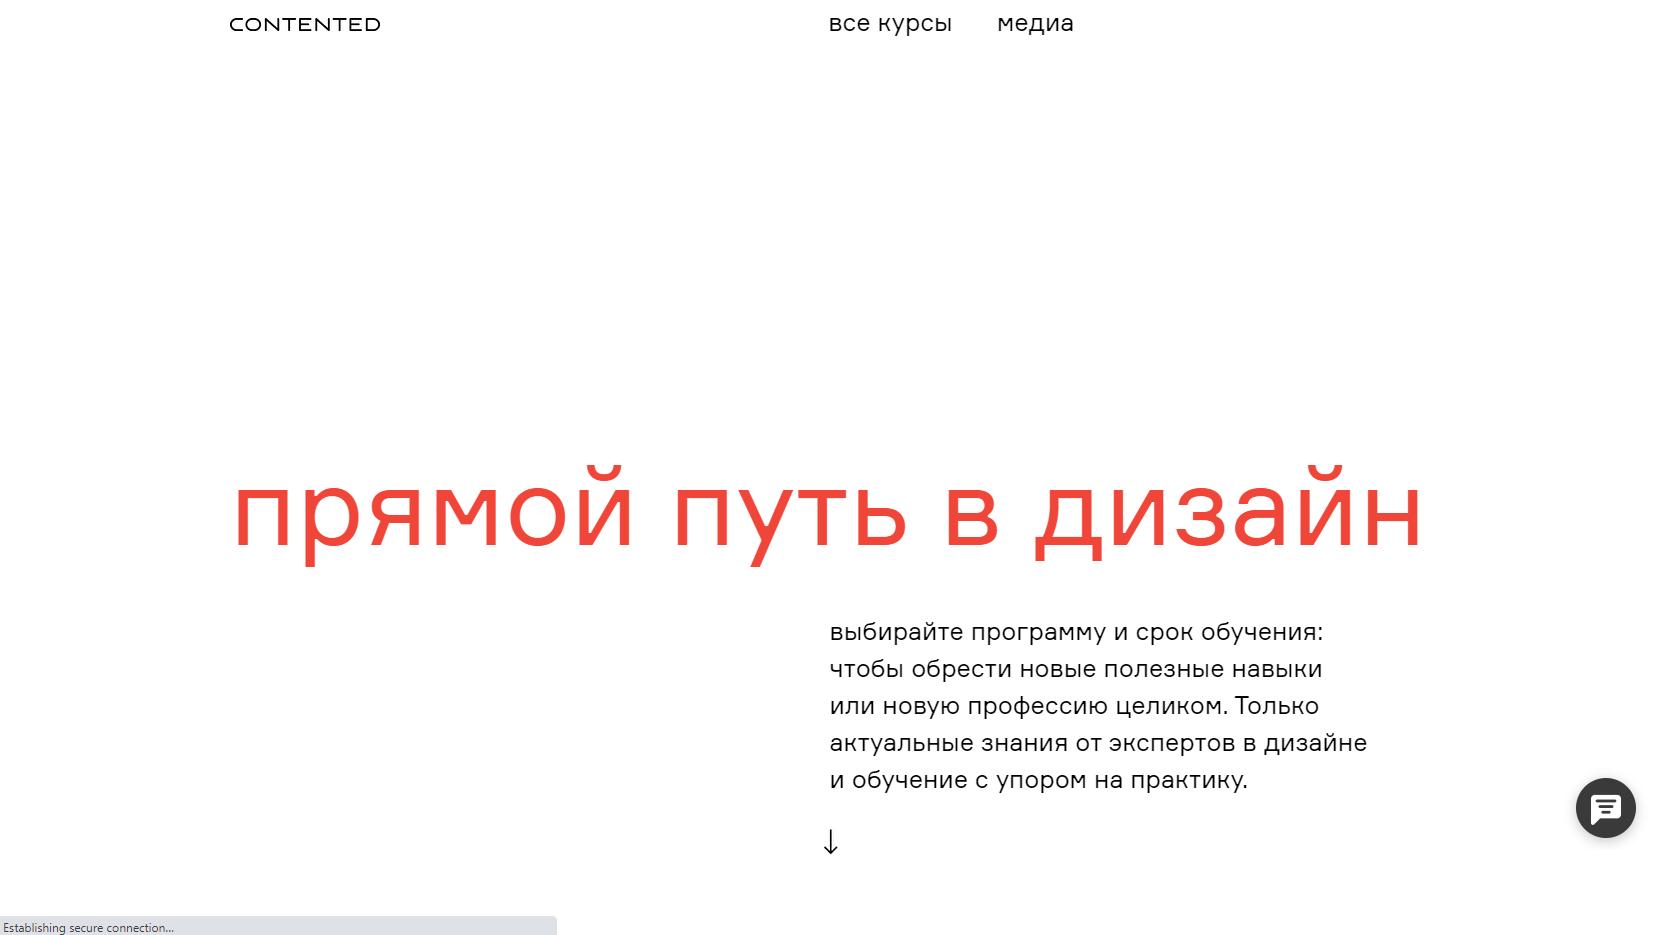 contented.ru website